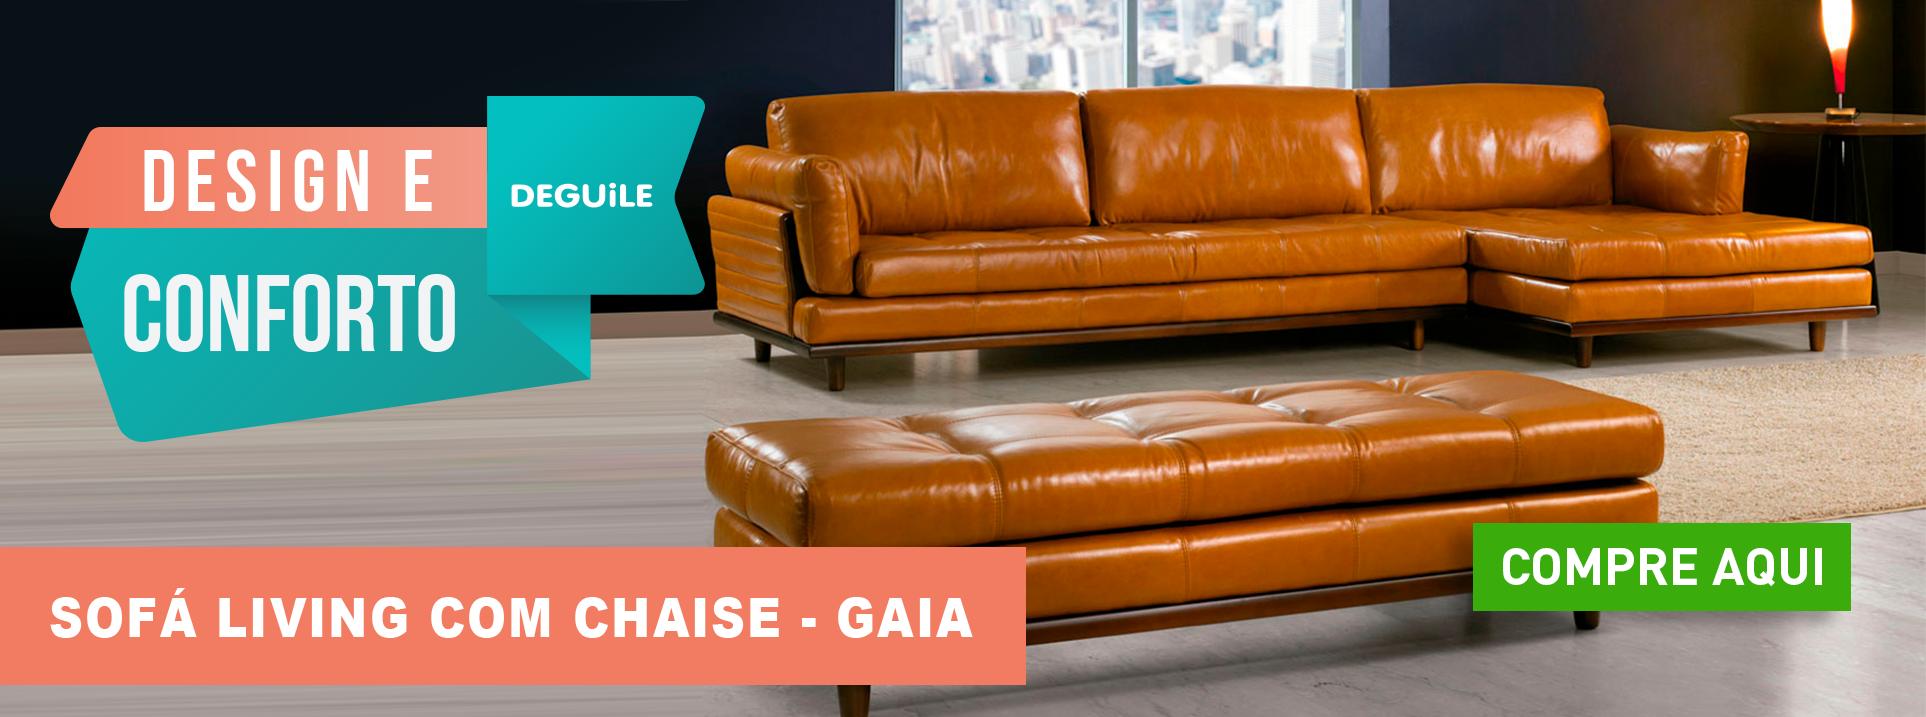 Sofá Living com Chaise - GAIA